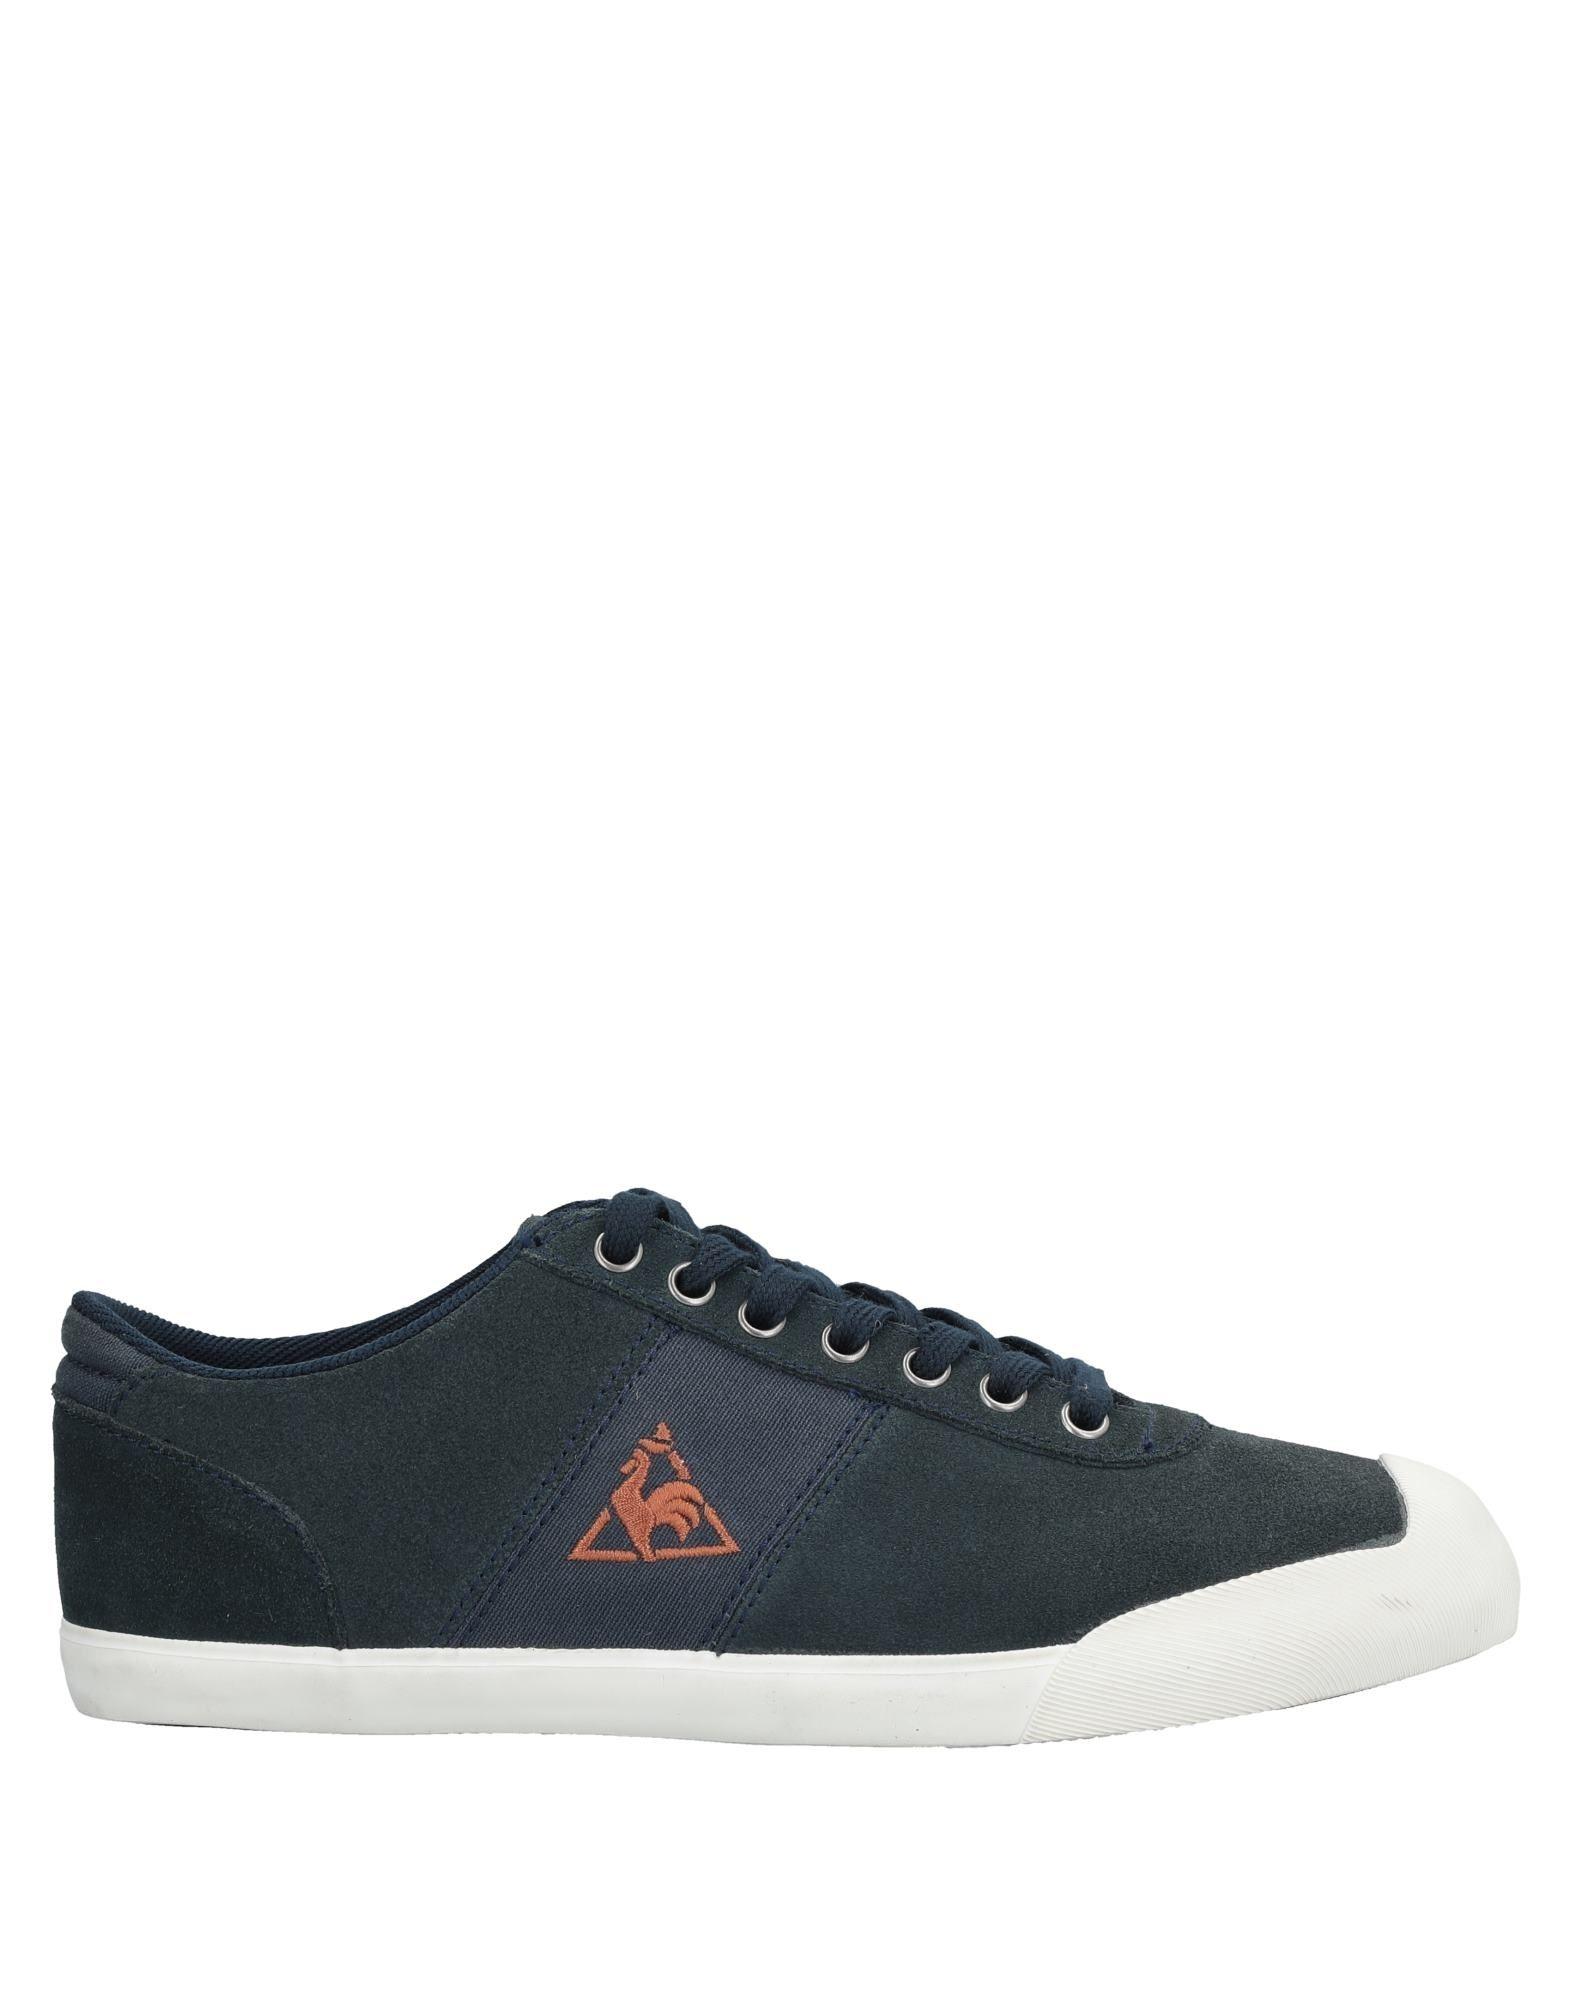 Sneakers Le Coq Sportif Donna - 11539041AK